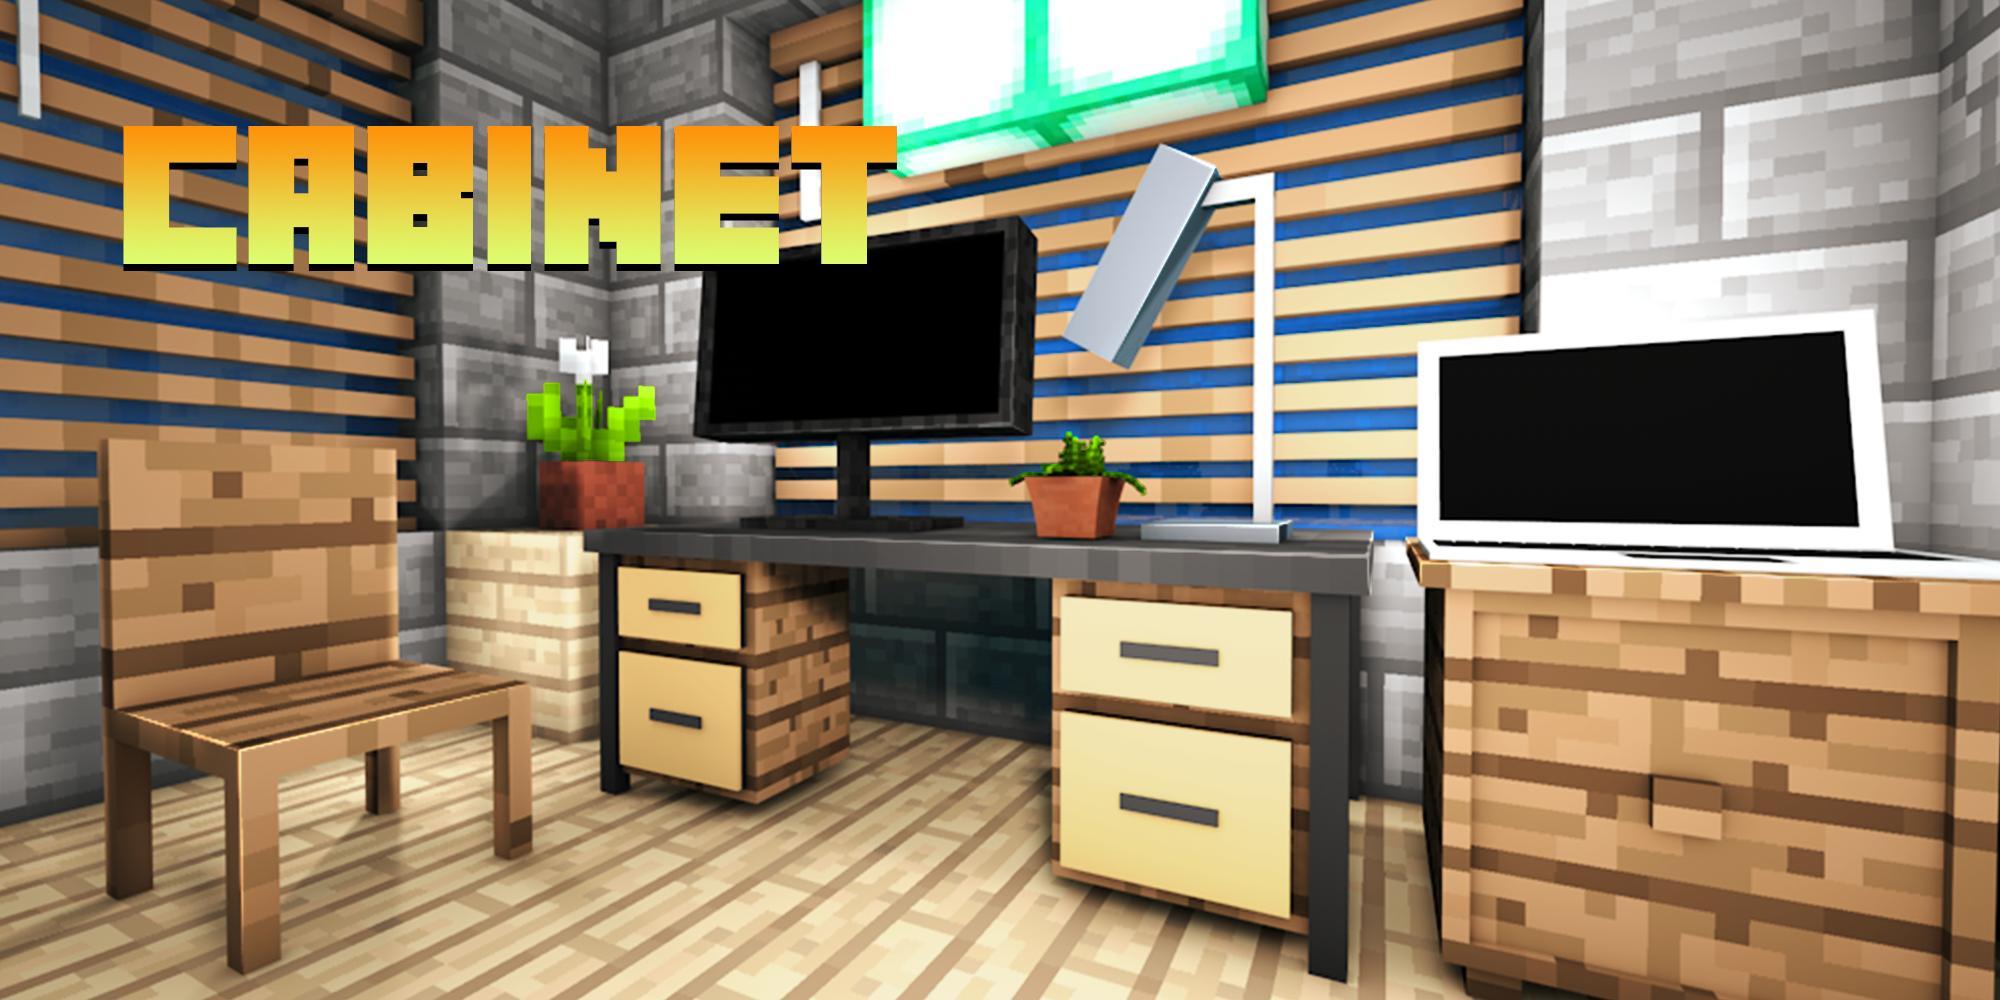 Full Size of Mbel Mods Fr Minecraft Pe Android Apk Herunterladen Bodenbelag Küche Planen Ausstellungsküche Rückwand Glas Tapeten Für Wasserhahn Moderne Landhausküche Wohnzimmer Minecraft Küche